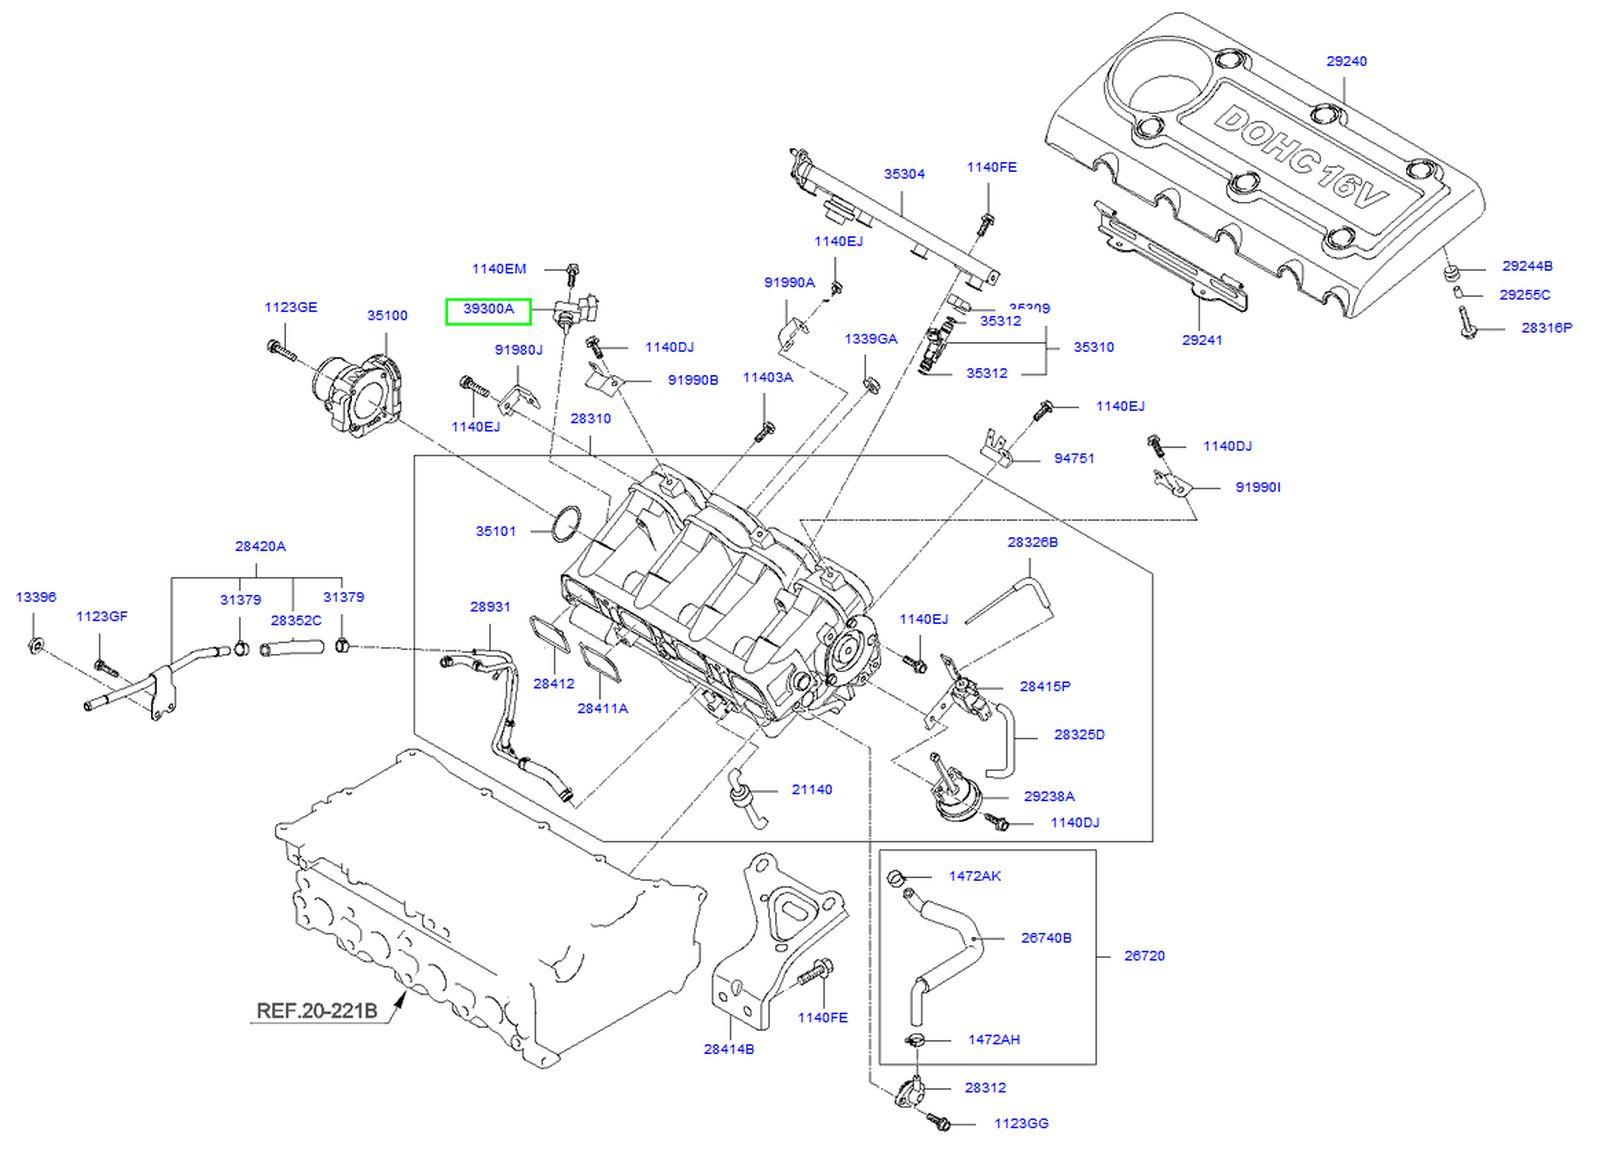 map sensor location 2011 kia sorento 2 4l 4cyl kia forum 2011 Kia Sorento Parts Manual  2011 Kia Sorento V6 Engine Diagram 2011 Kia Sorento LX 2007 Kia Sedona Engine Diagram